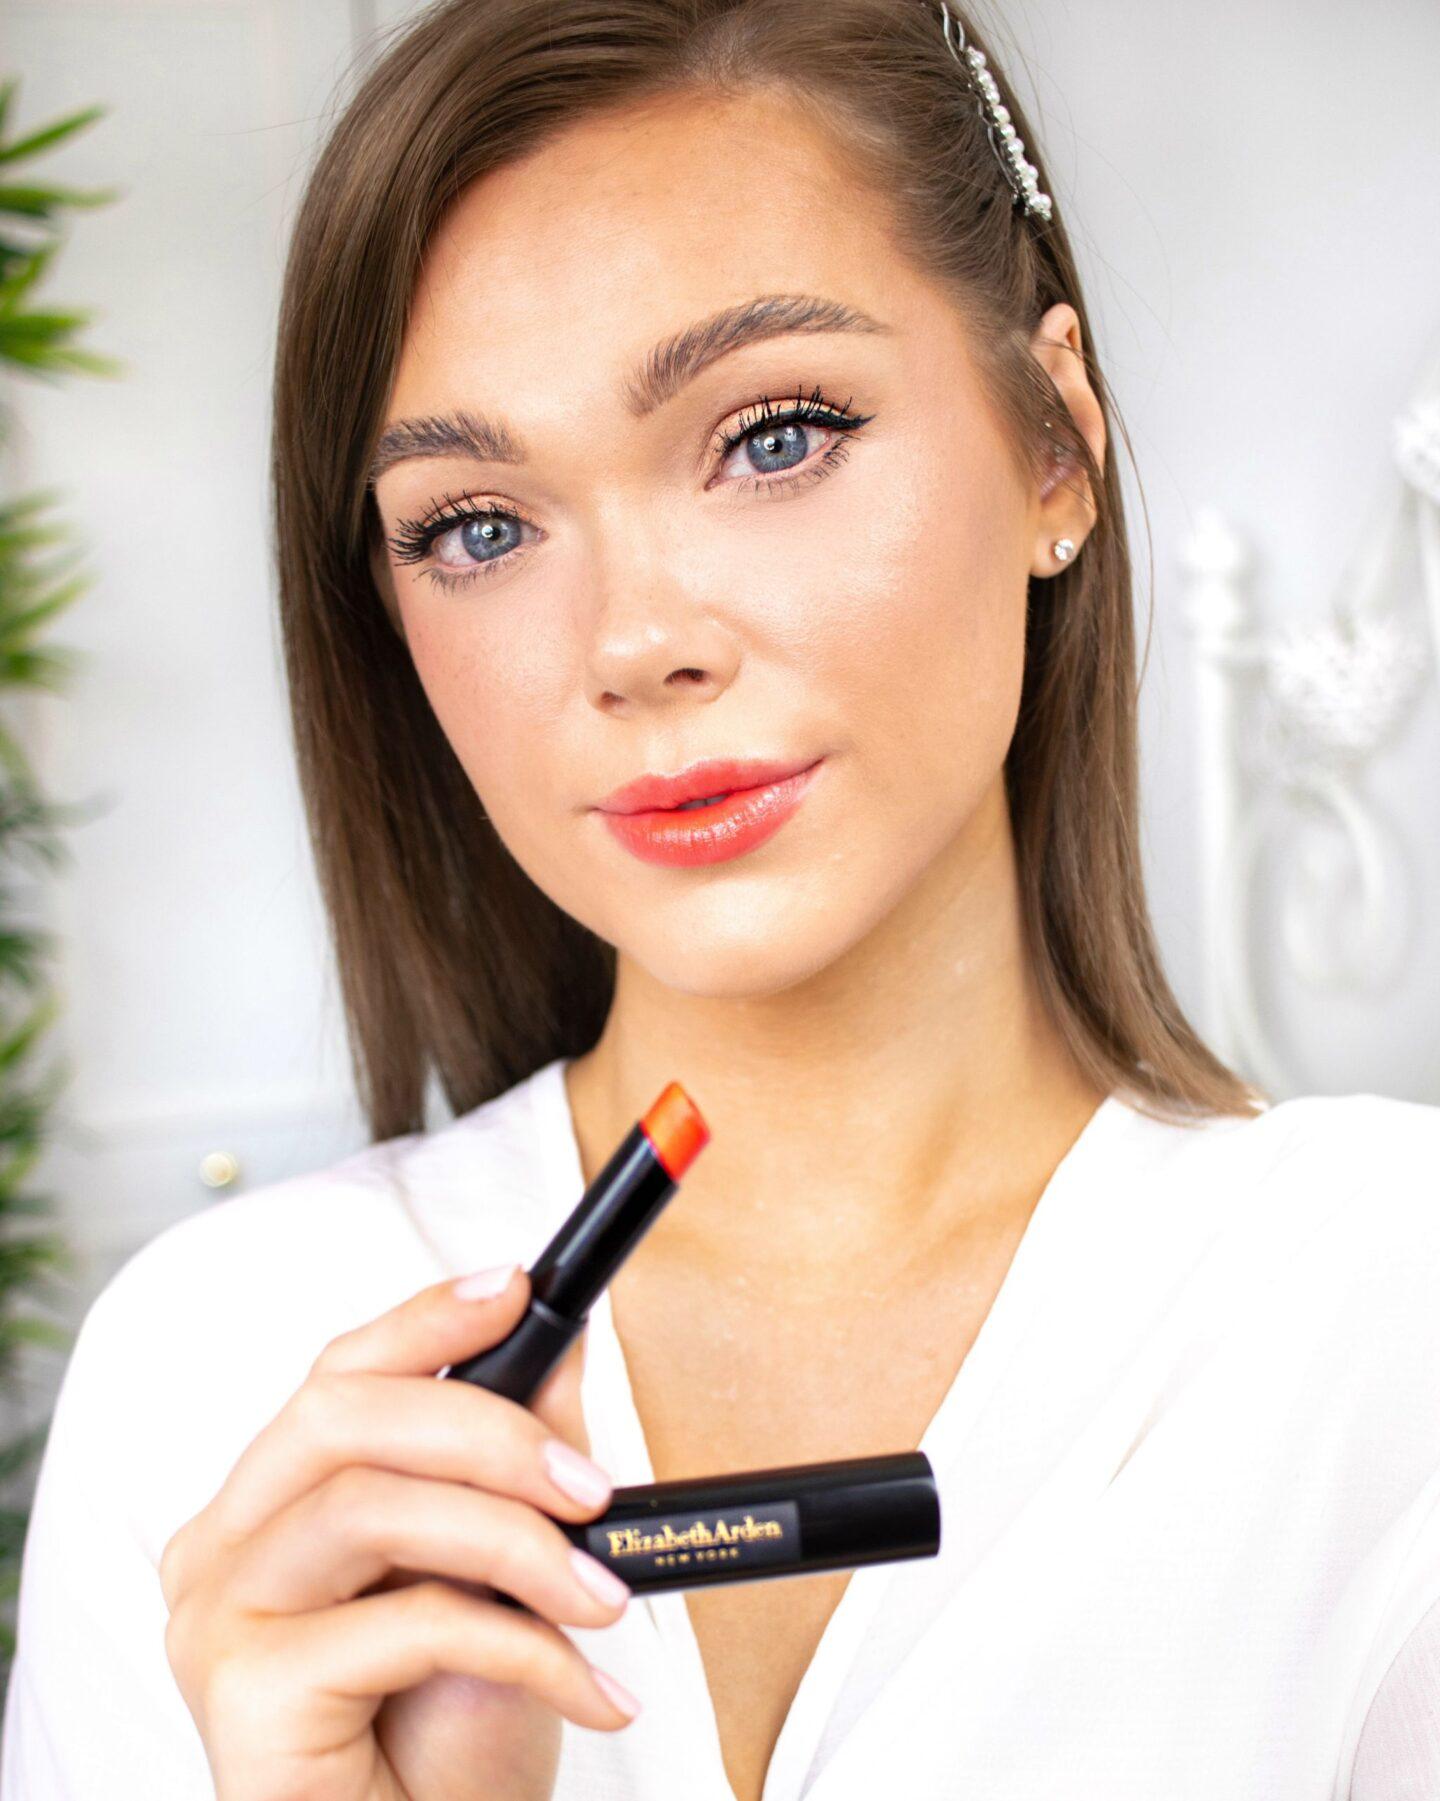 Elizabeth Arden Spring Summer Makeup